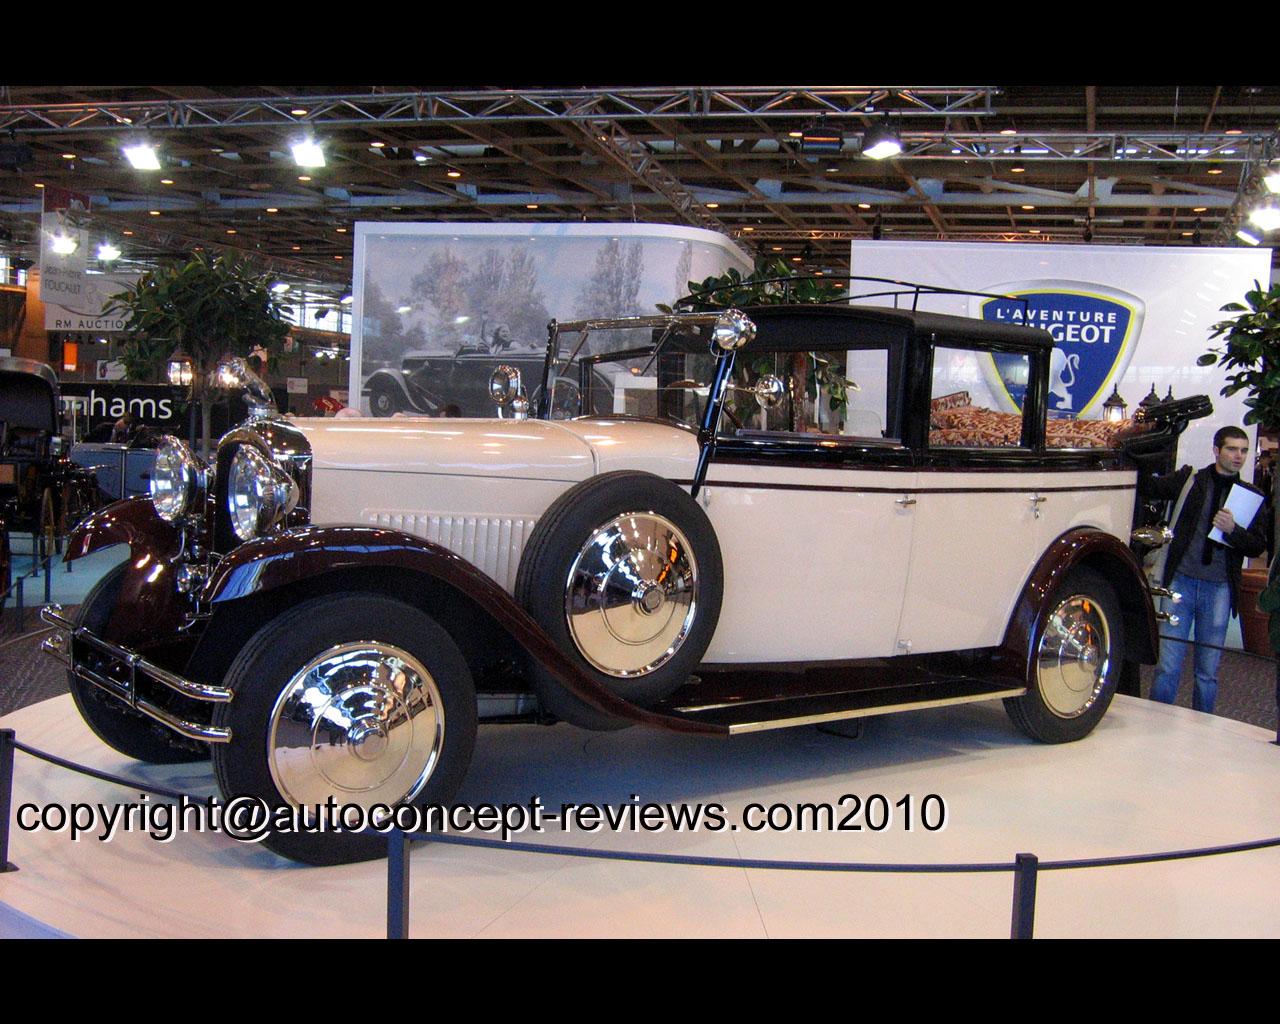 Peugeot Landaulet type 184